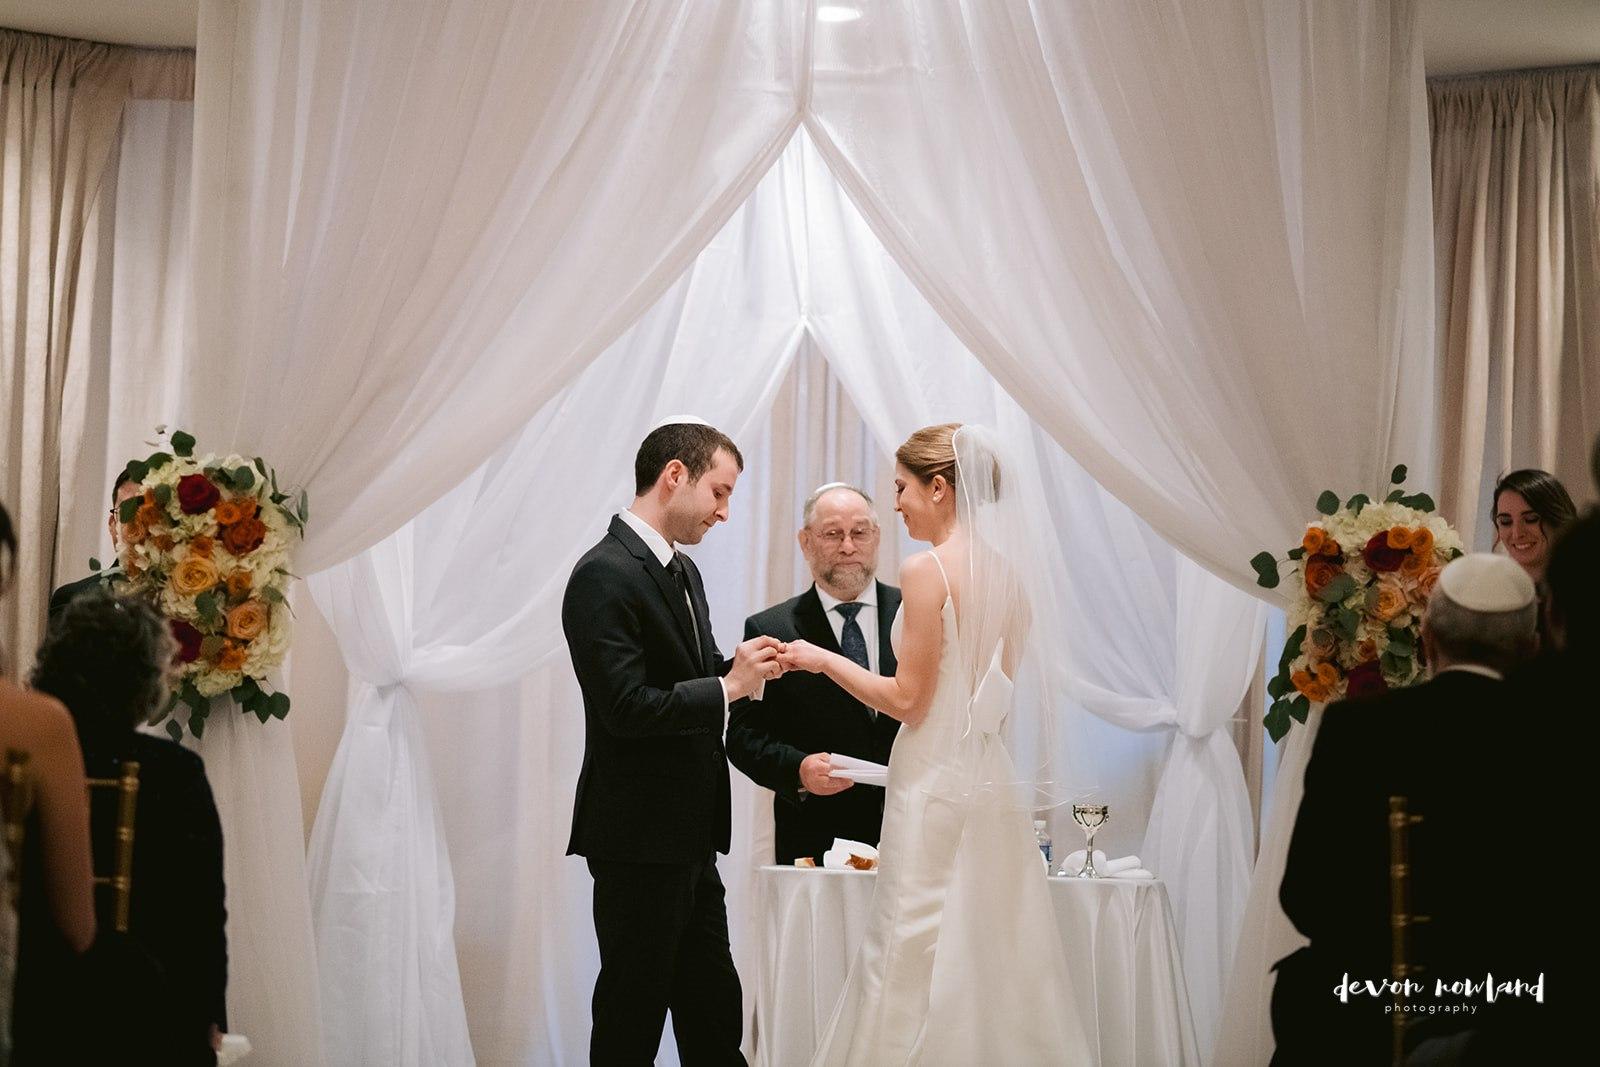 dc-wedding-devon-rowland-2018-Nov03-2284.jpg